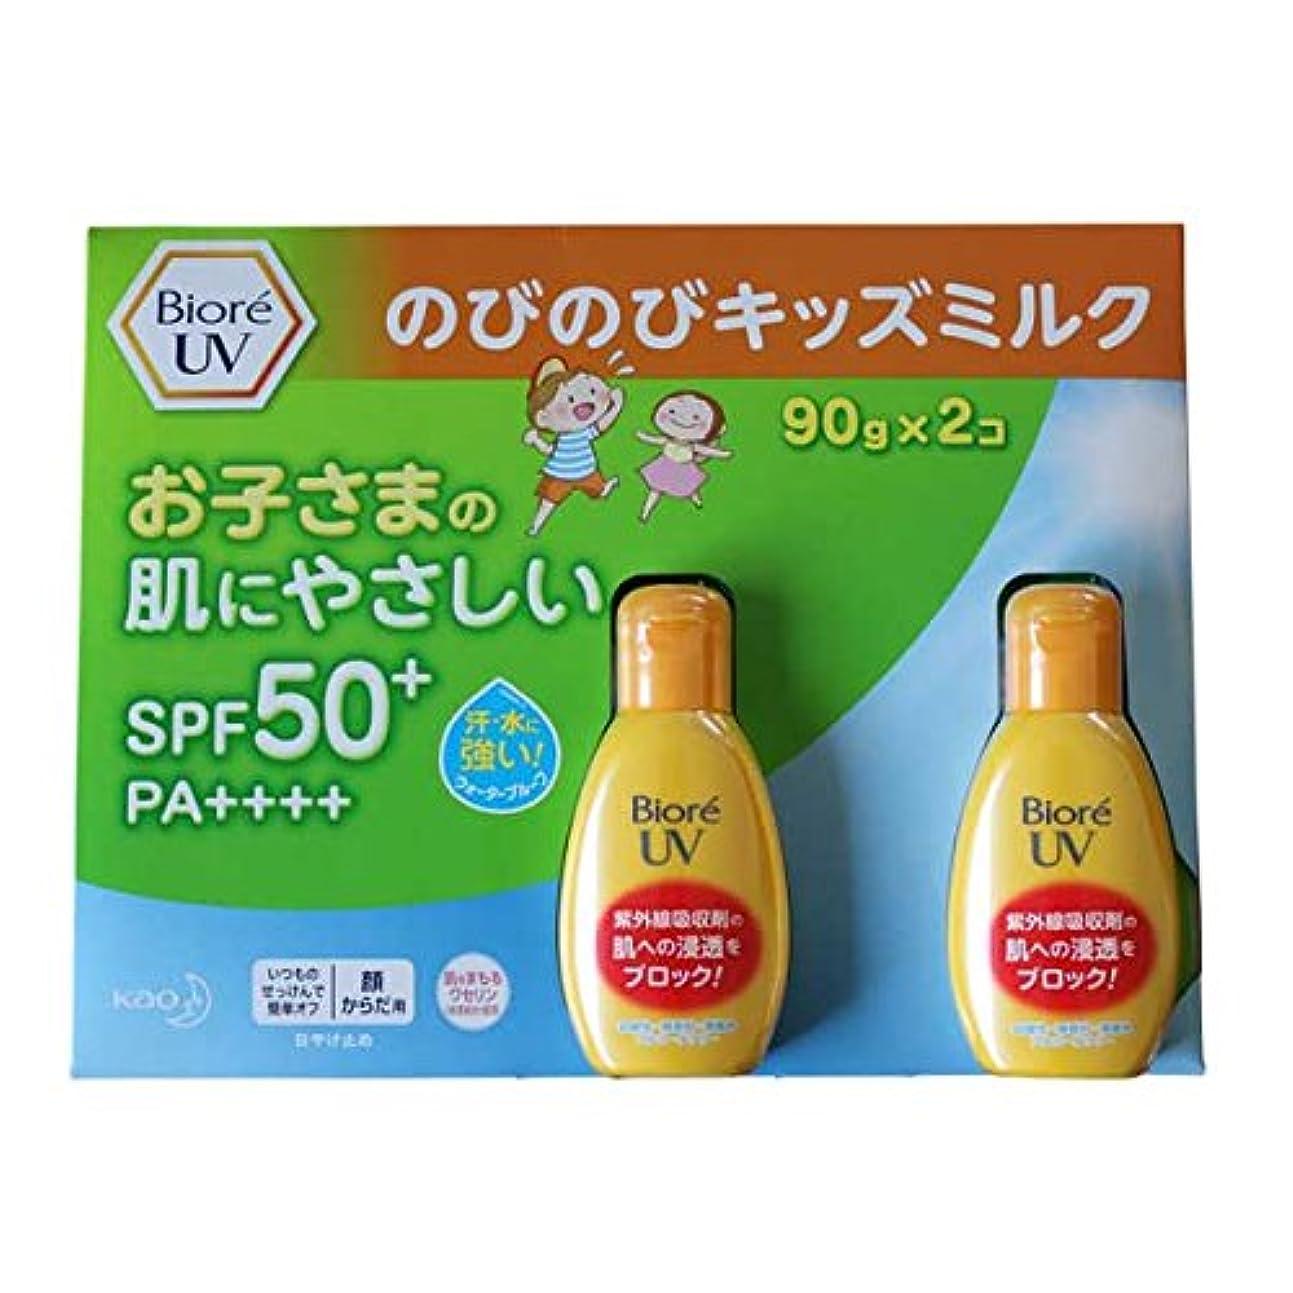 南西排泄物抹消花王 ビオレ UV のびのびキッズミルク 日焼け止め乳液 SPF50+ PA++++ 90gx2本セット 強力紫外線カット